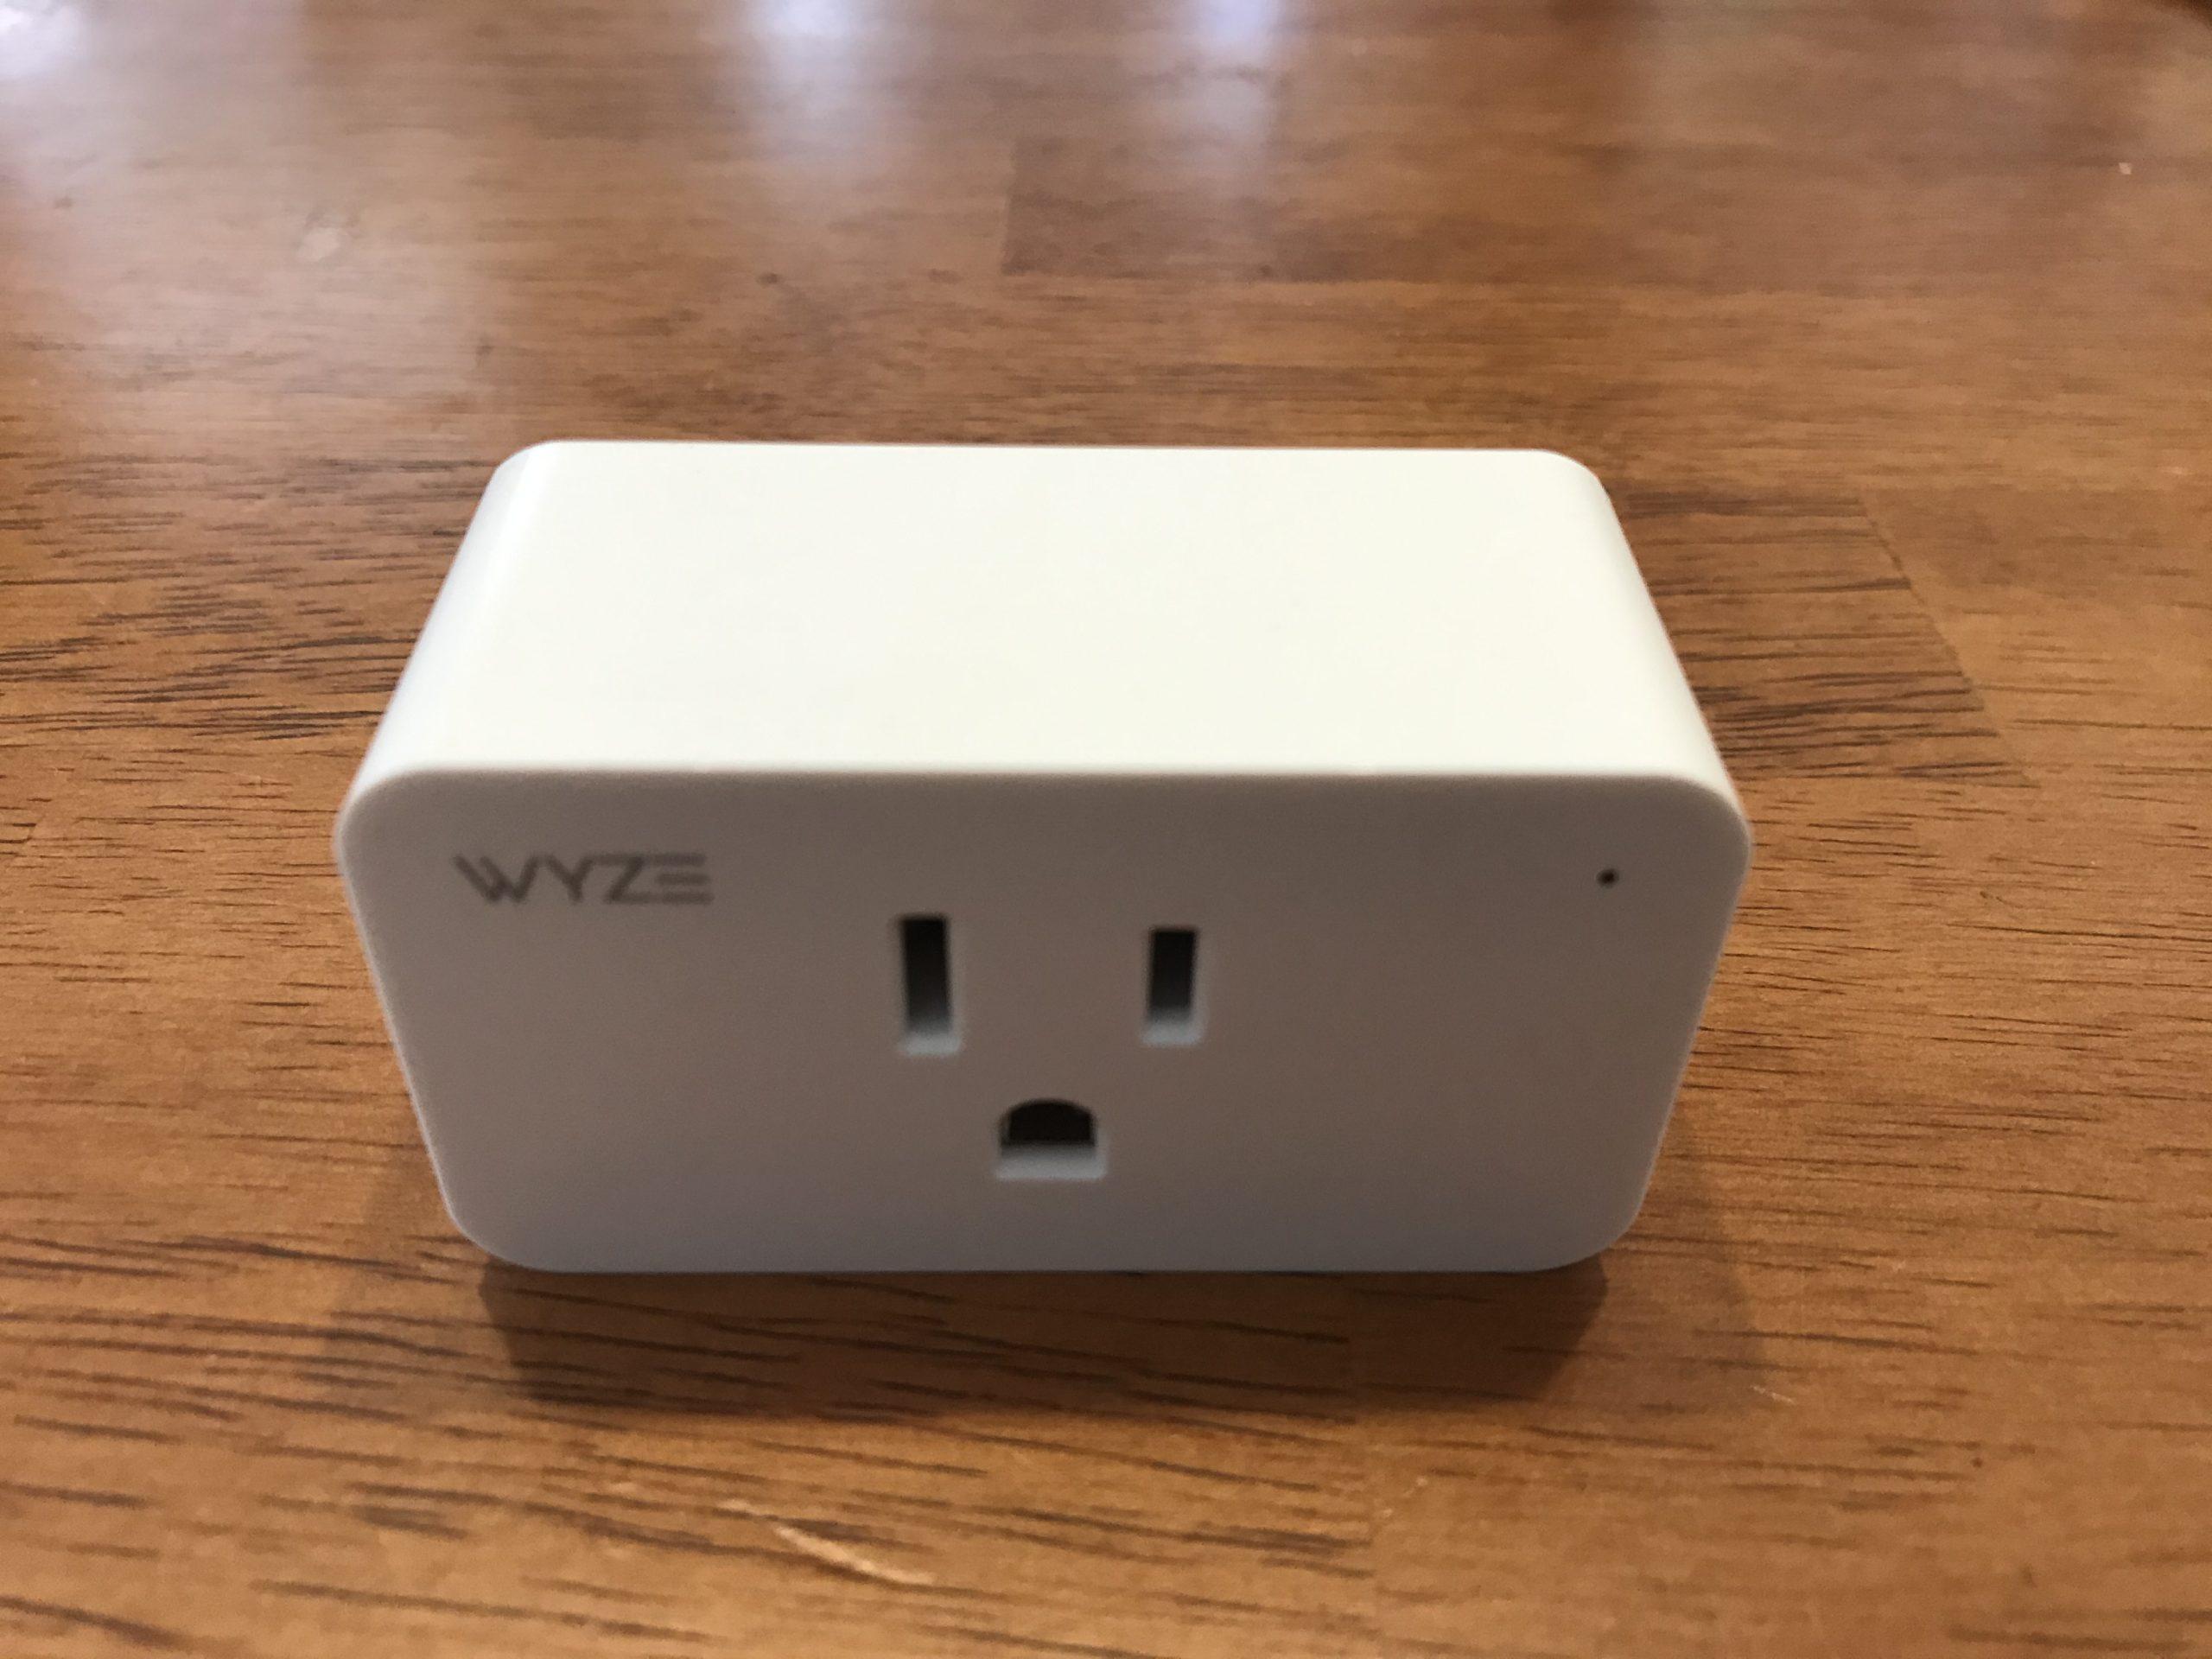 Wyze Plug Front